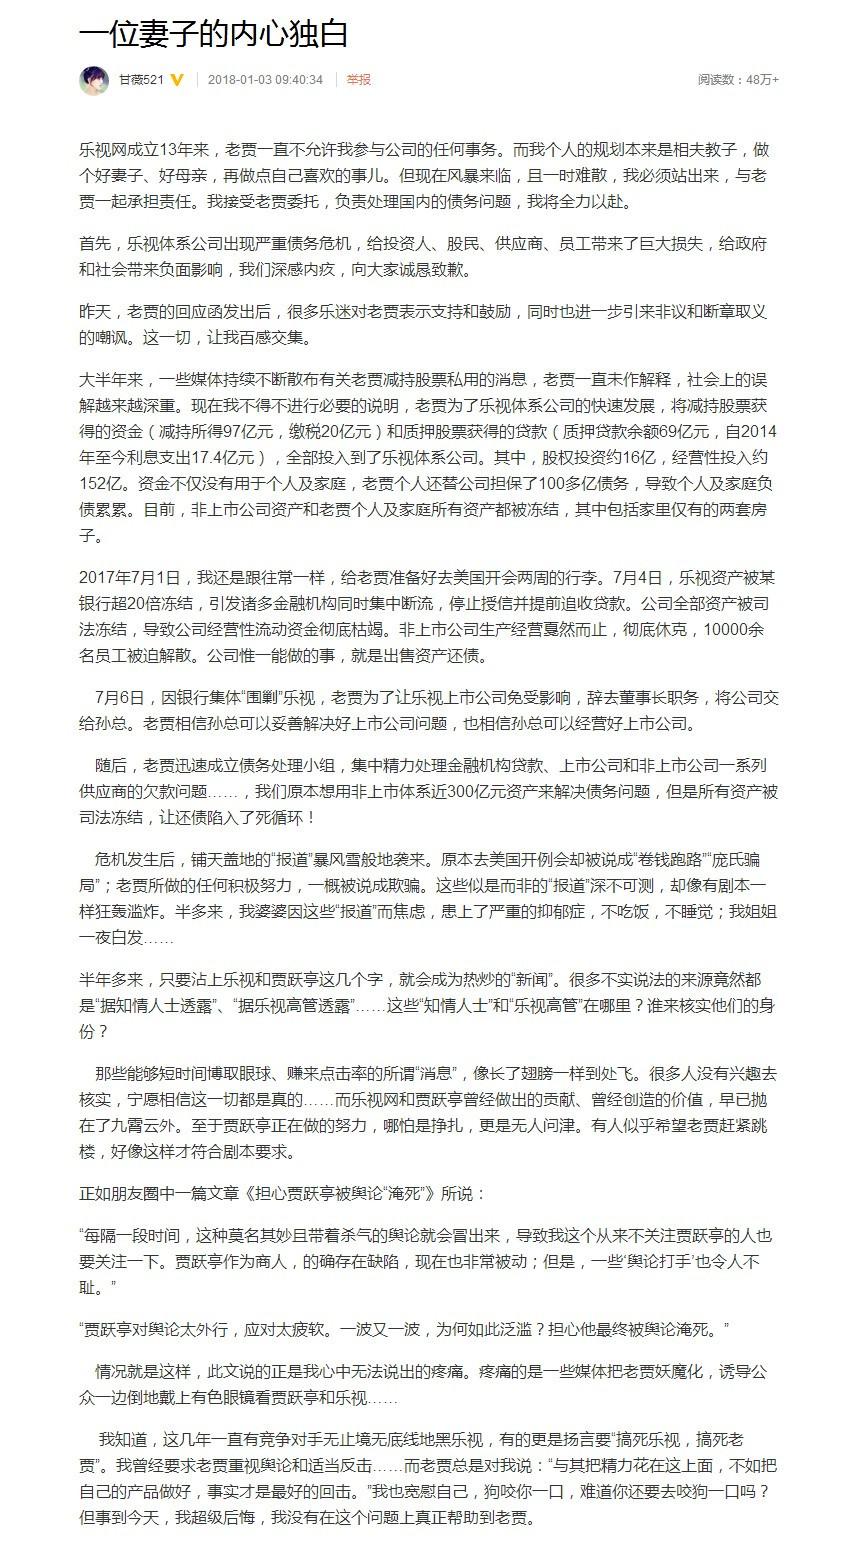 妻子发文力挺贾跃亭:我老公挺冤的,他在尽力解决债务问题